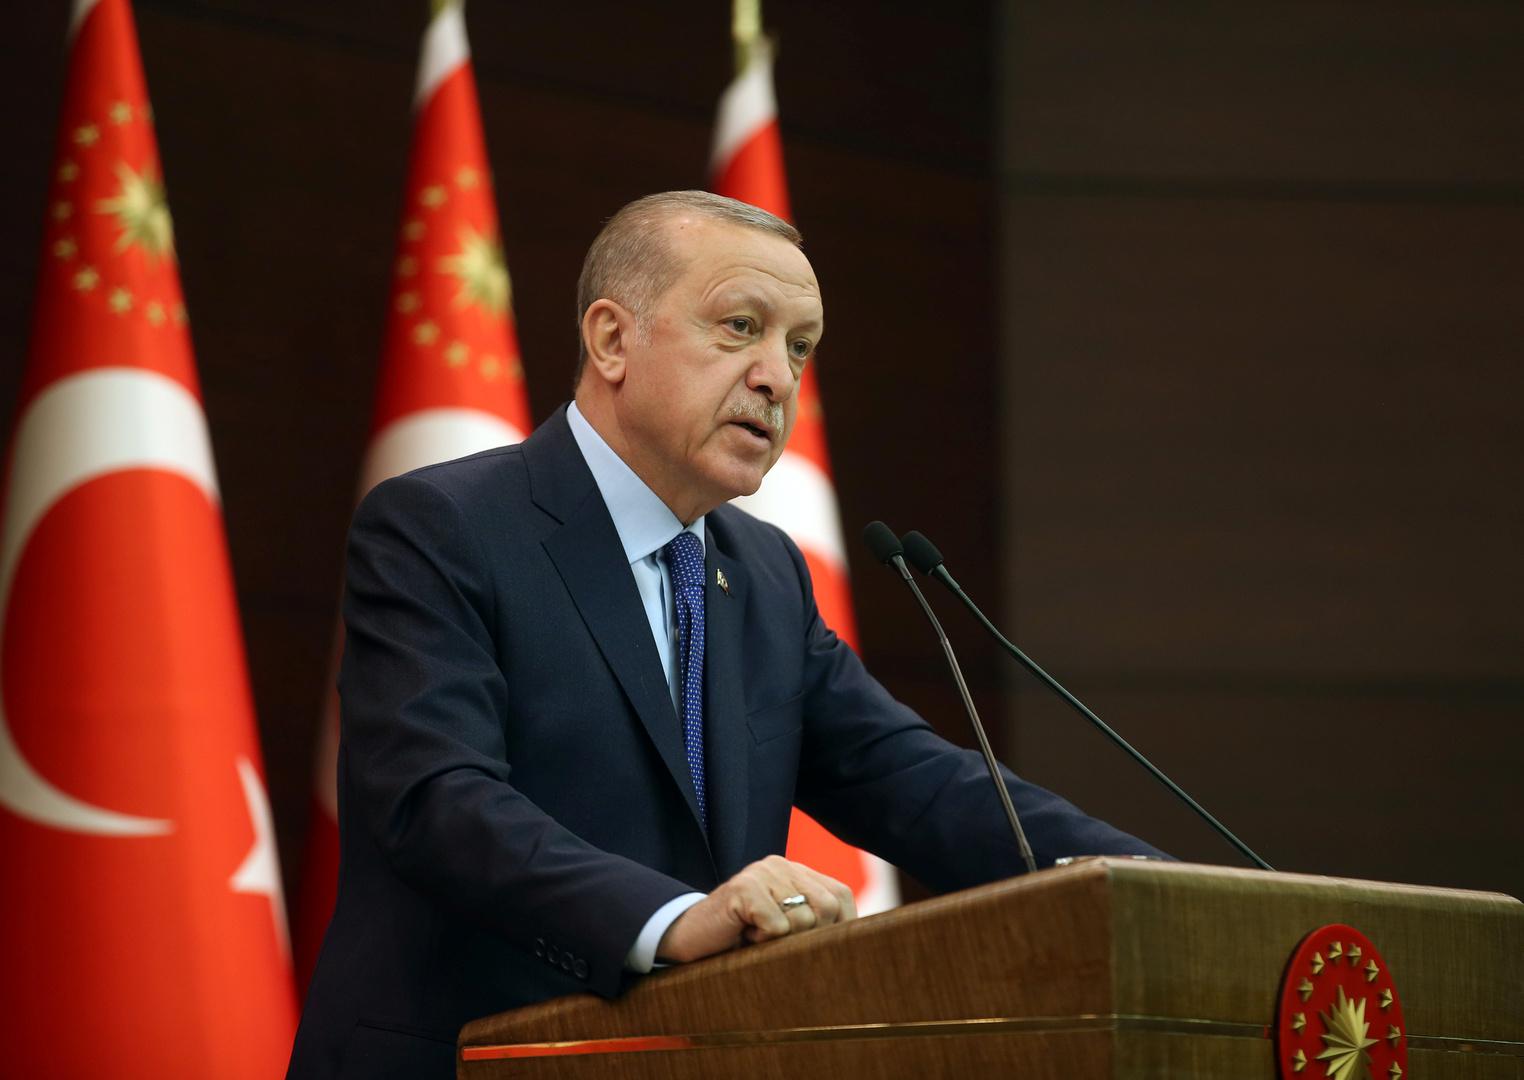 أردوغان لترامب: المشاغبون في أمريكا على صلة بالوحدات الكردية بشمال سوريا